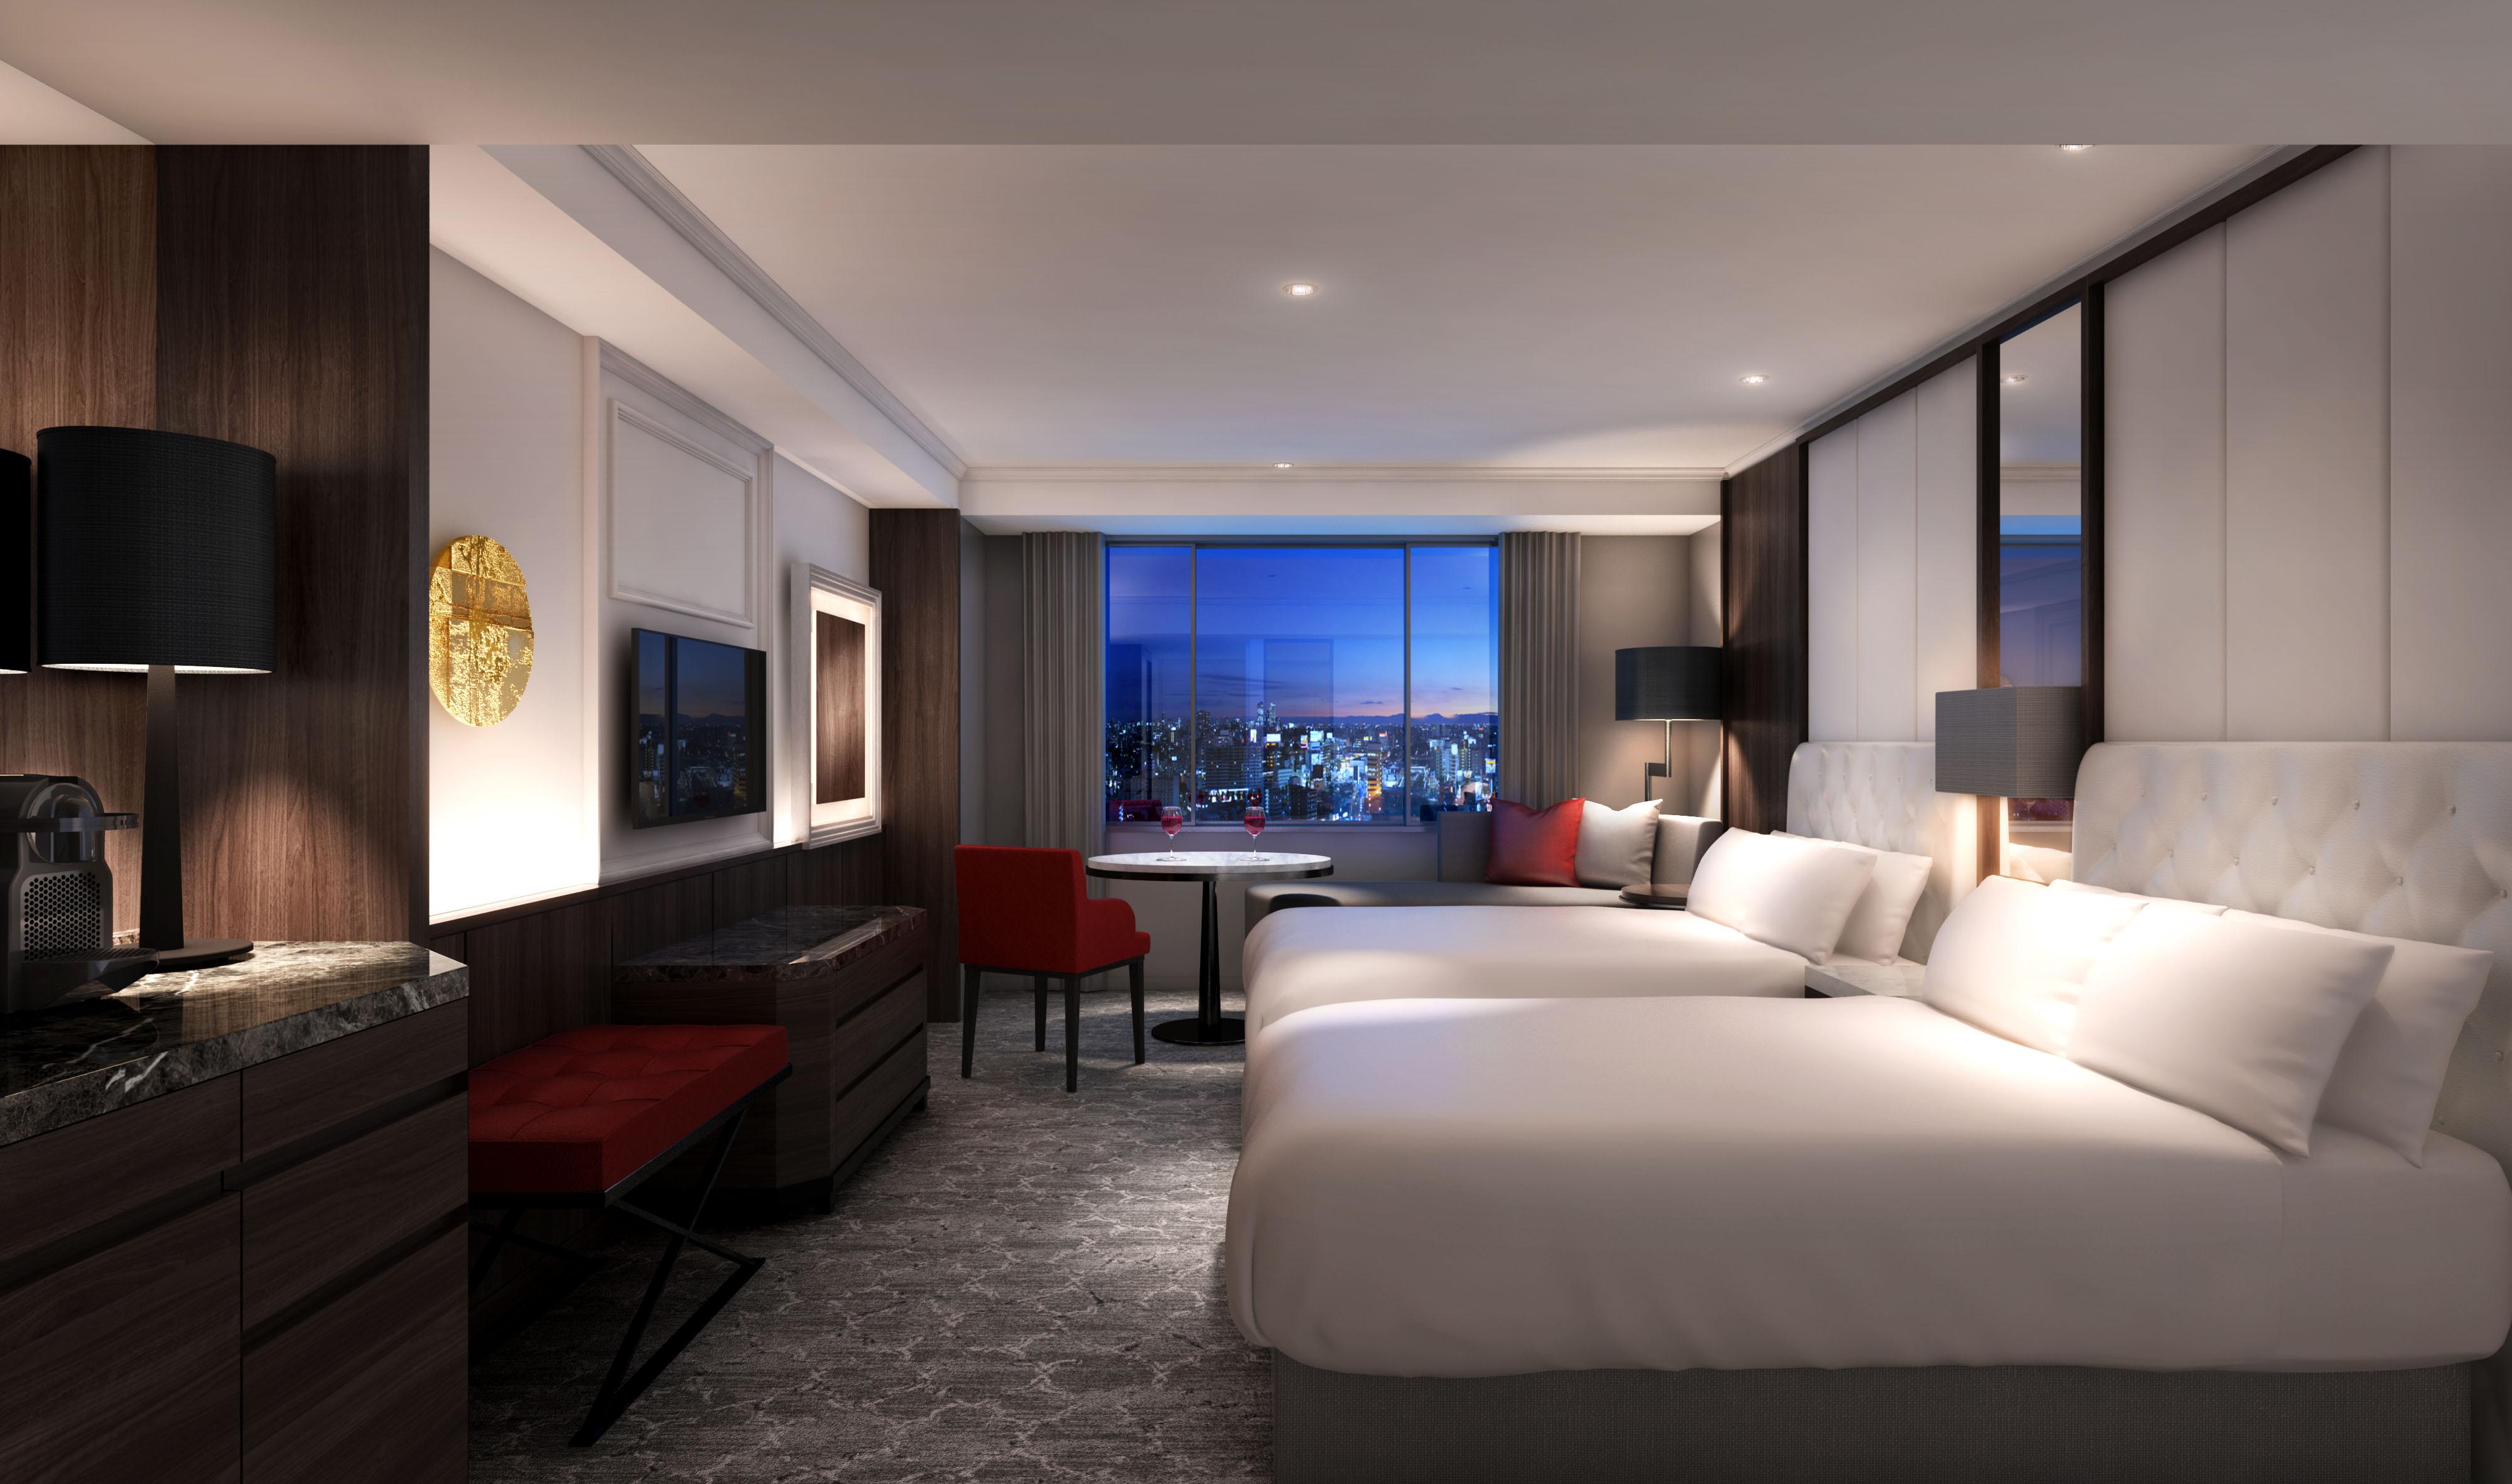 2018年秋オープン!ヨーロピアンな雰囲気漂う名古屋東急ホテルがリニューアル - sub1 1